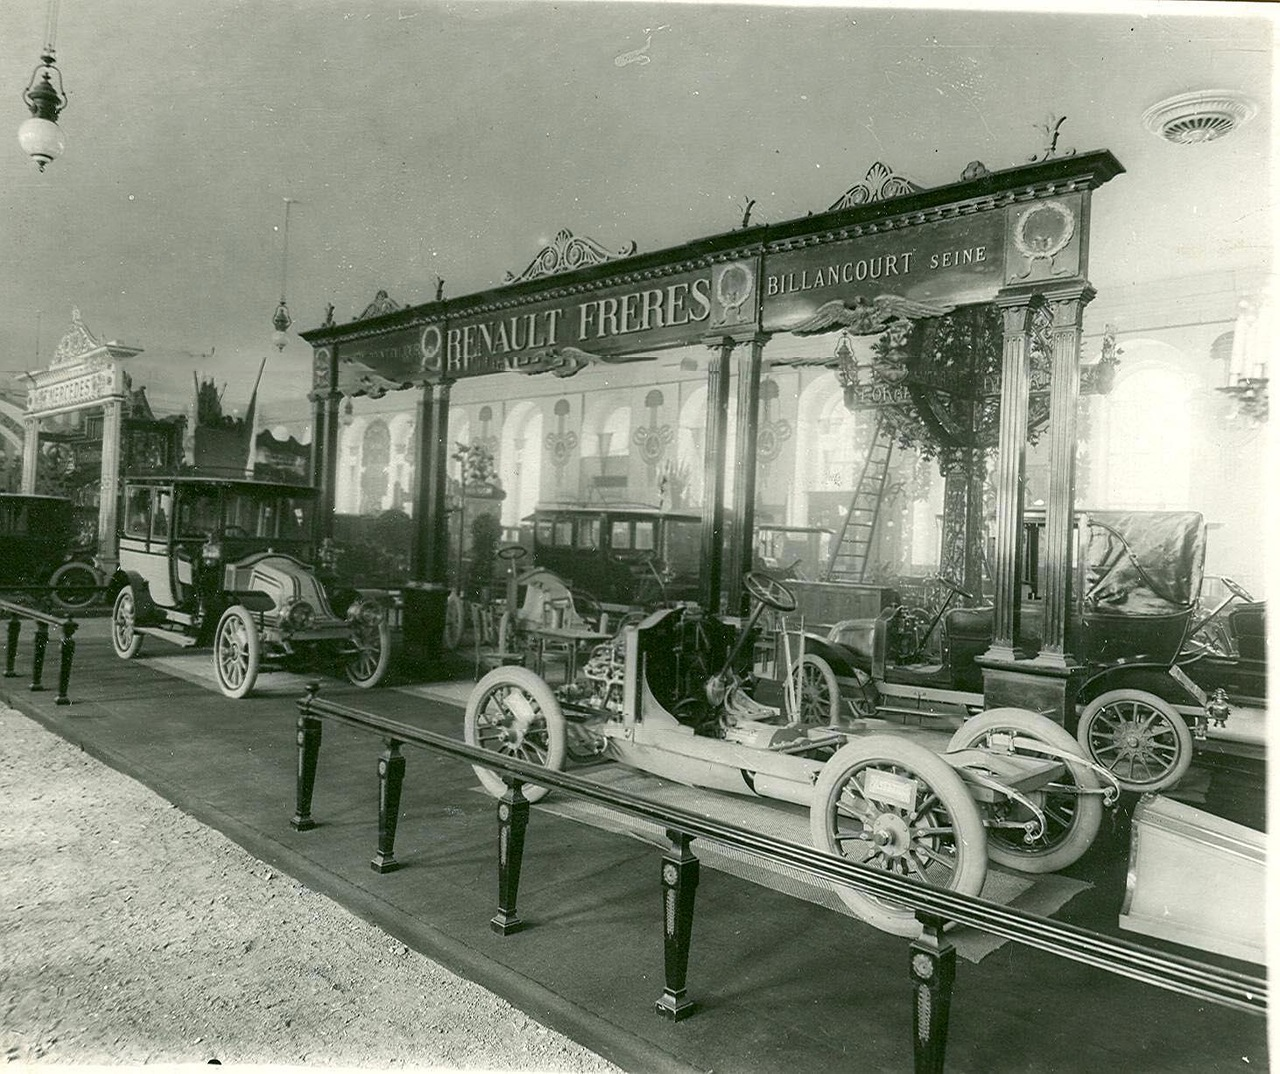 0_a93f1_68fefa7f_XXXLАвтомобили фирмы братьев Рено - экспонаты выставки .